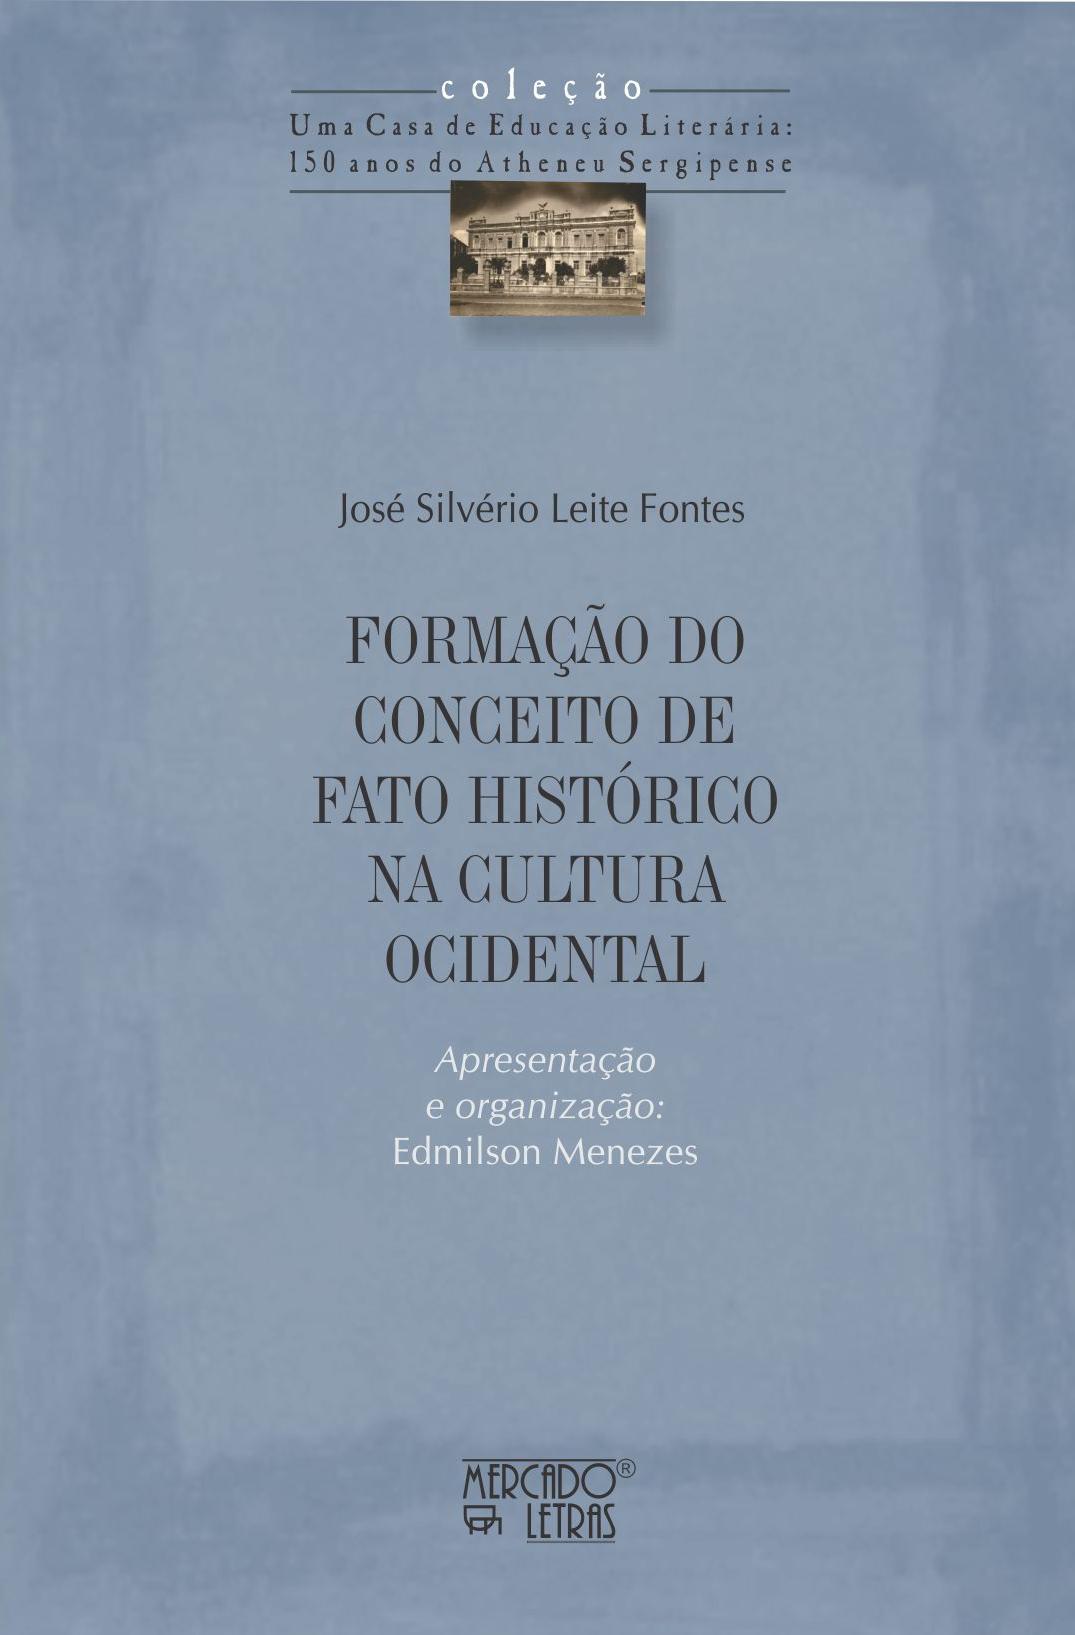 Formação do conceito de fato histórico na cultura ocidental, livro de José Silvério Leite Fontes